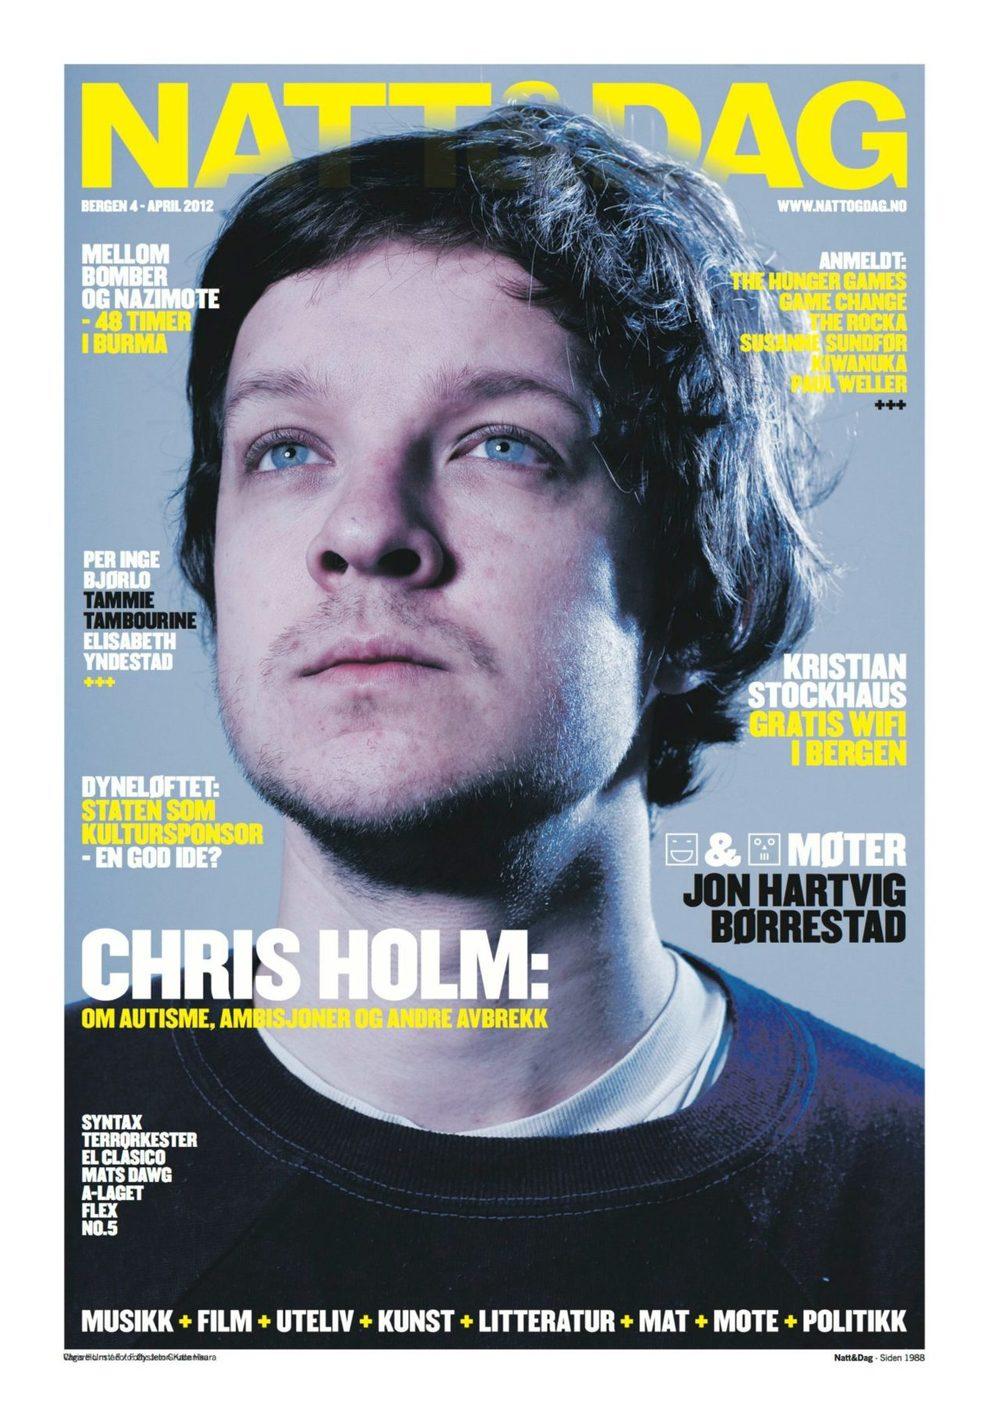 Got the April Cover in the norwegian magazine Natt og Dag ( Night and Day).